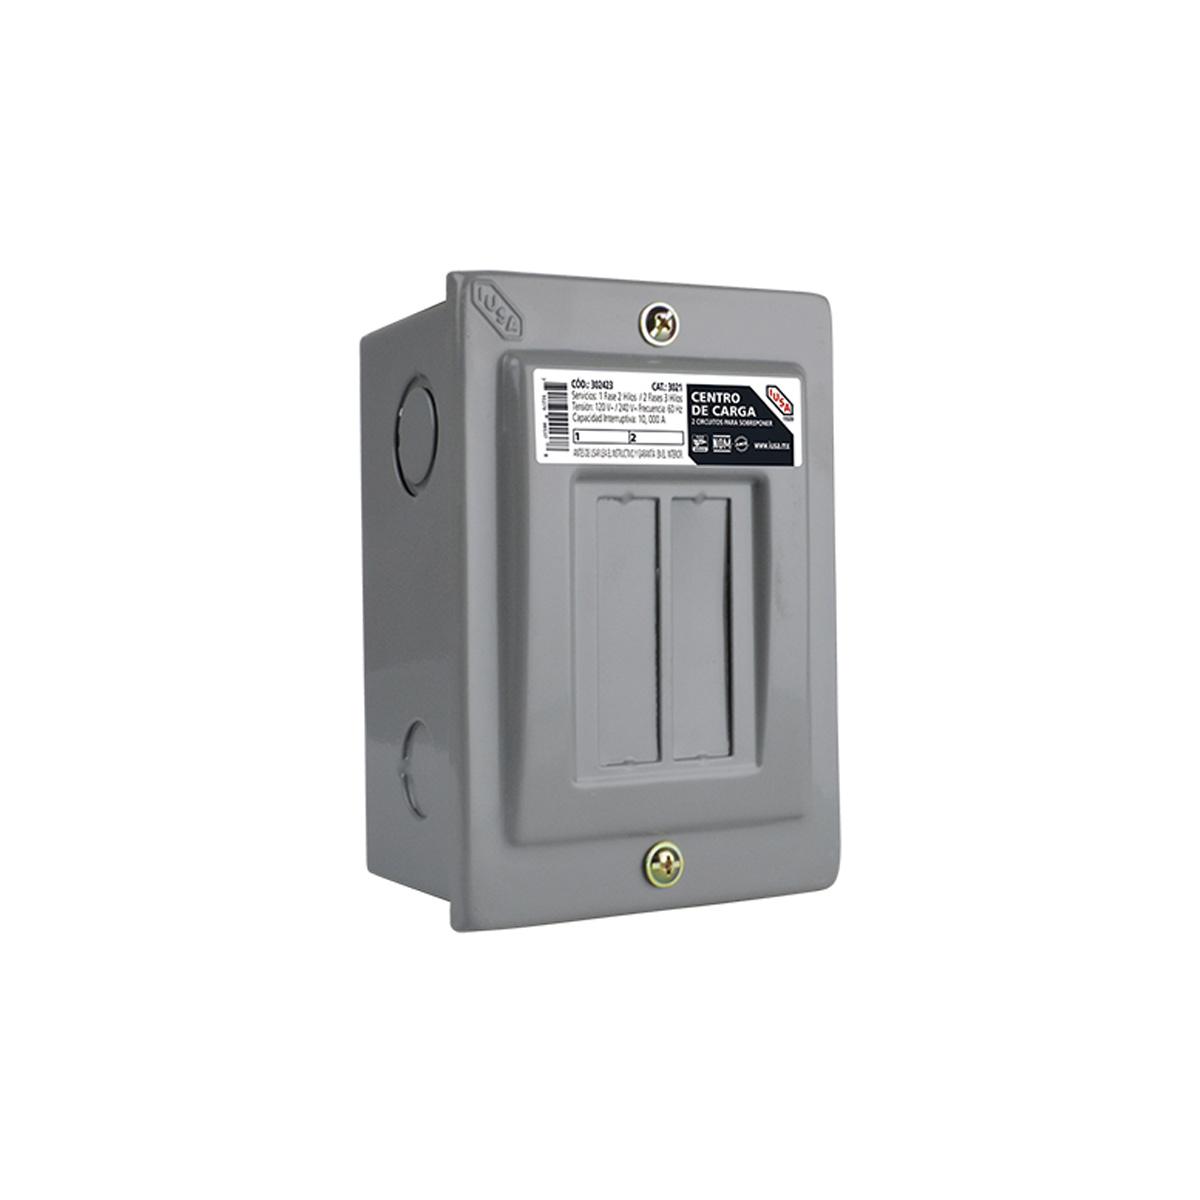 Centro Carga 2 Circuitos Sobreponer Electricista 217942 Iusa